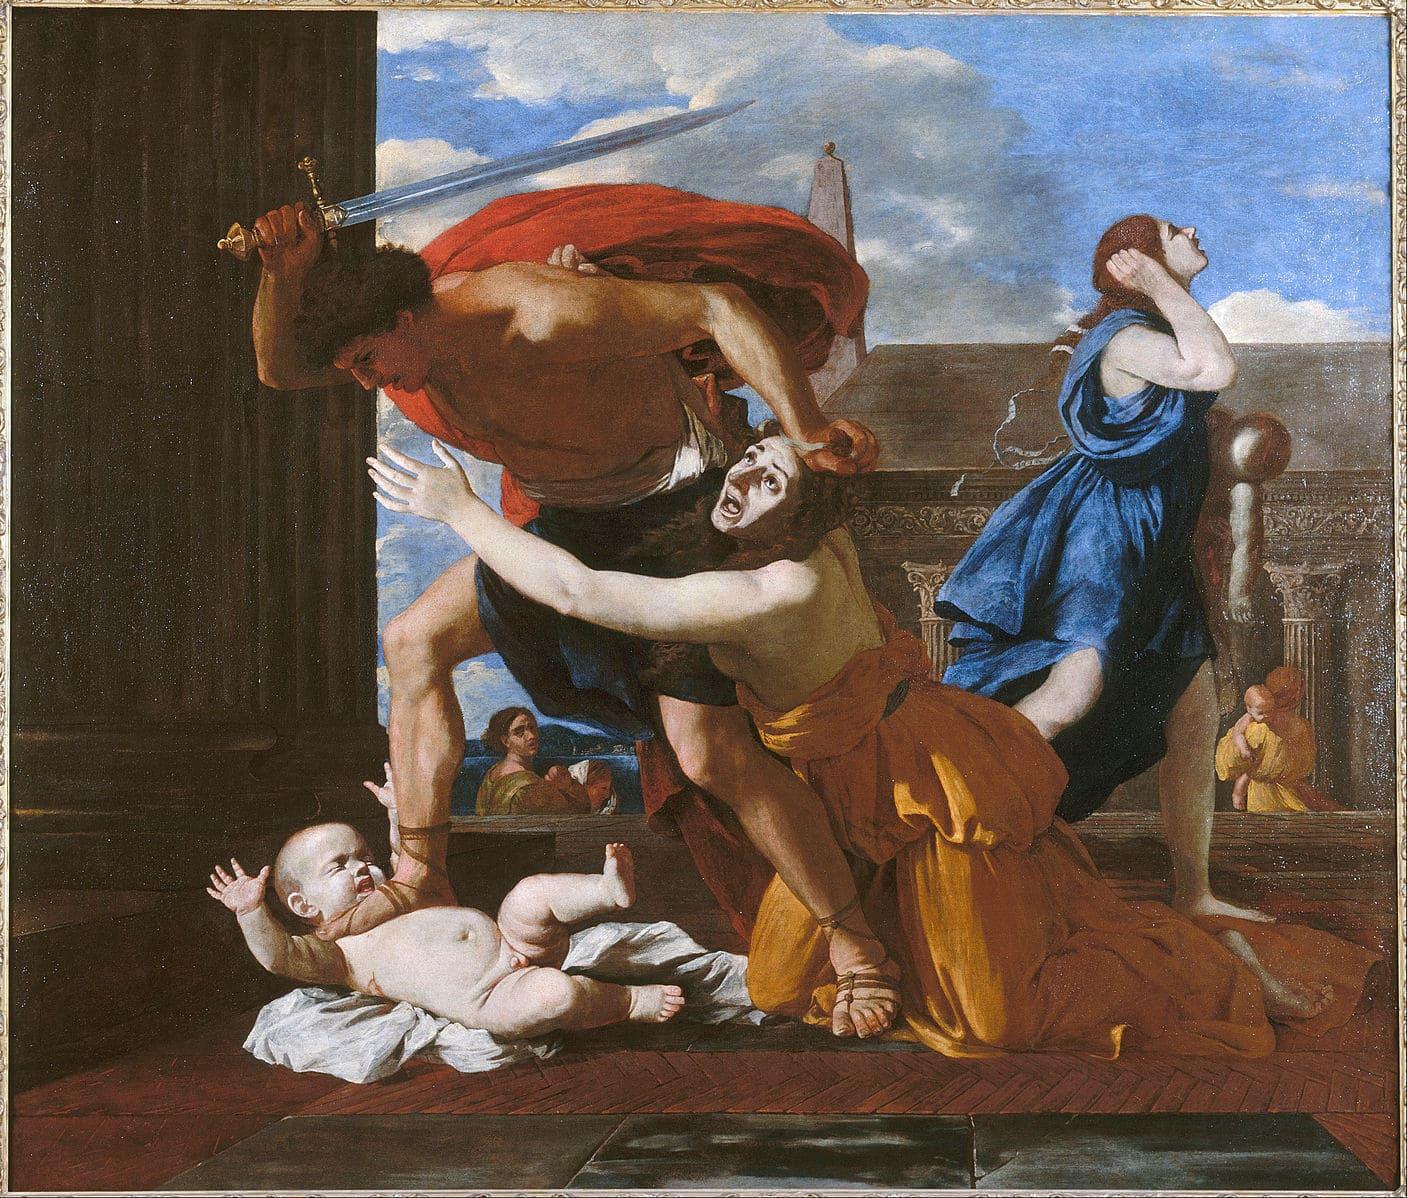 homme armé bébé femme cris Poussin